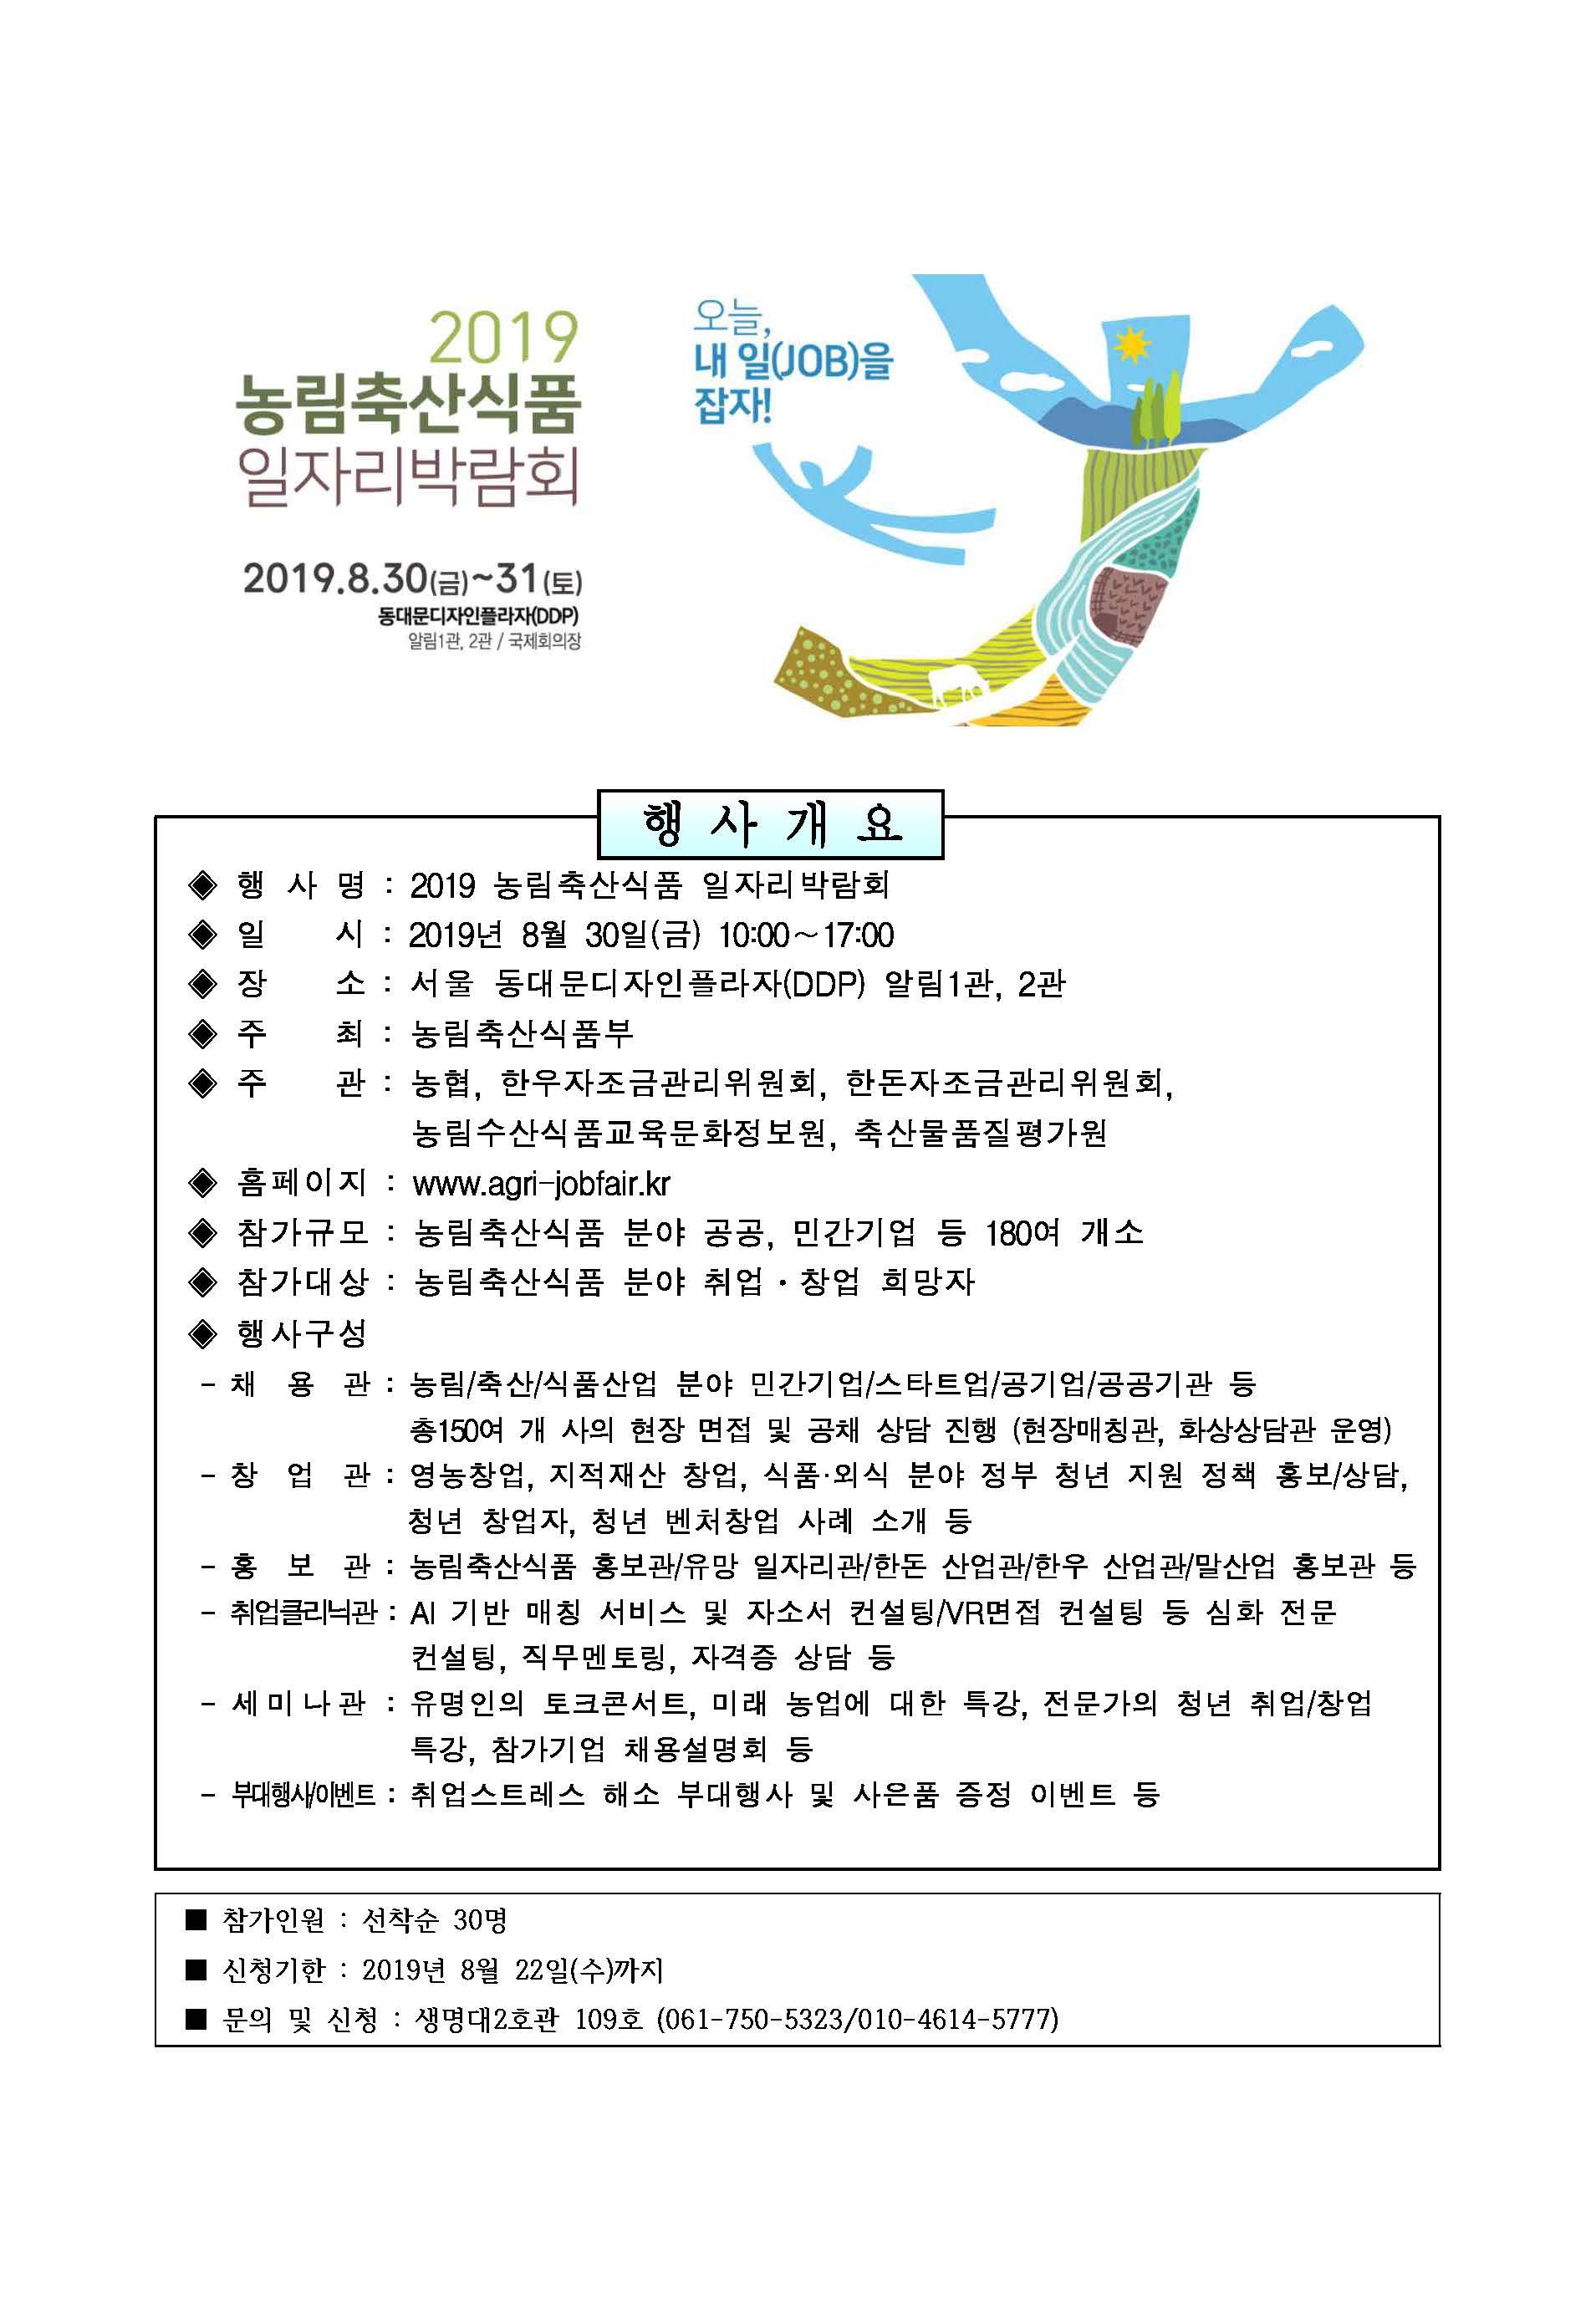 박람회참여홍보